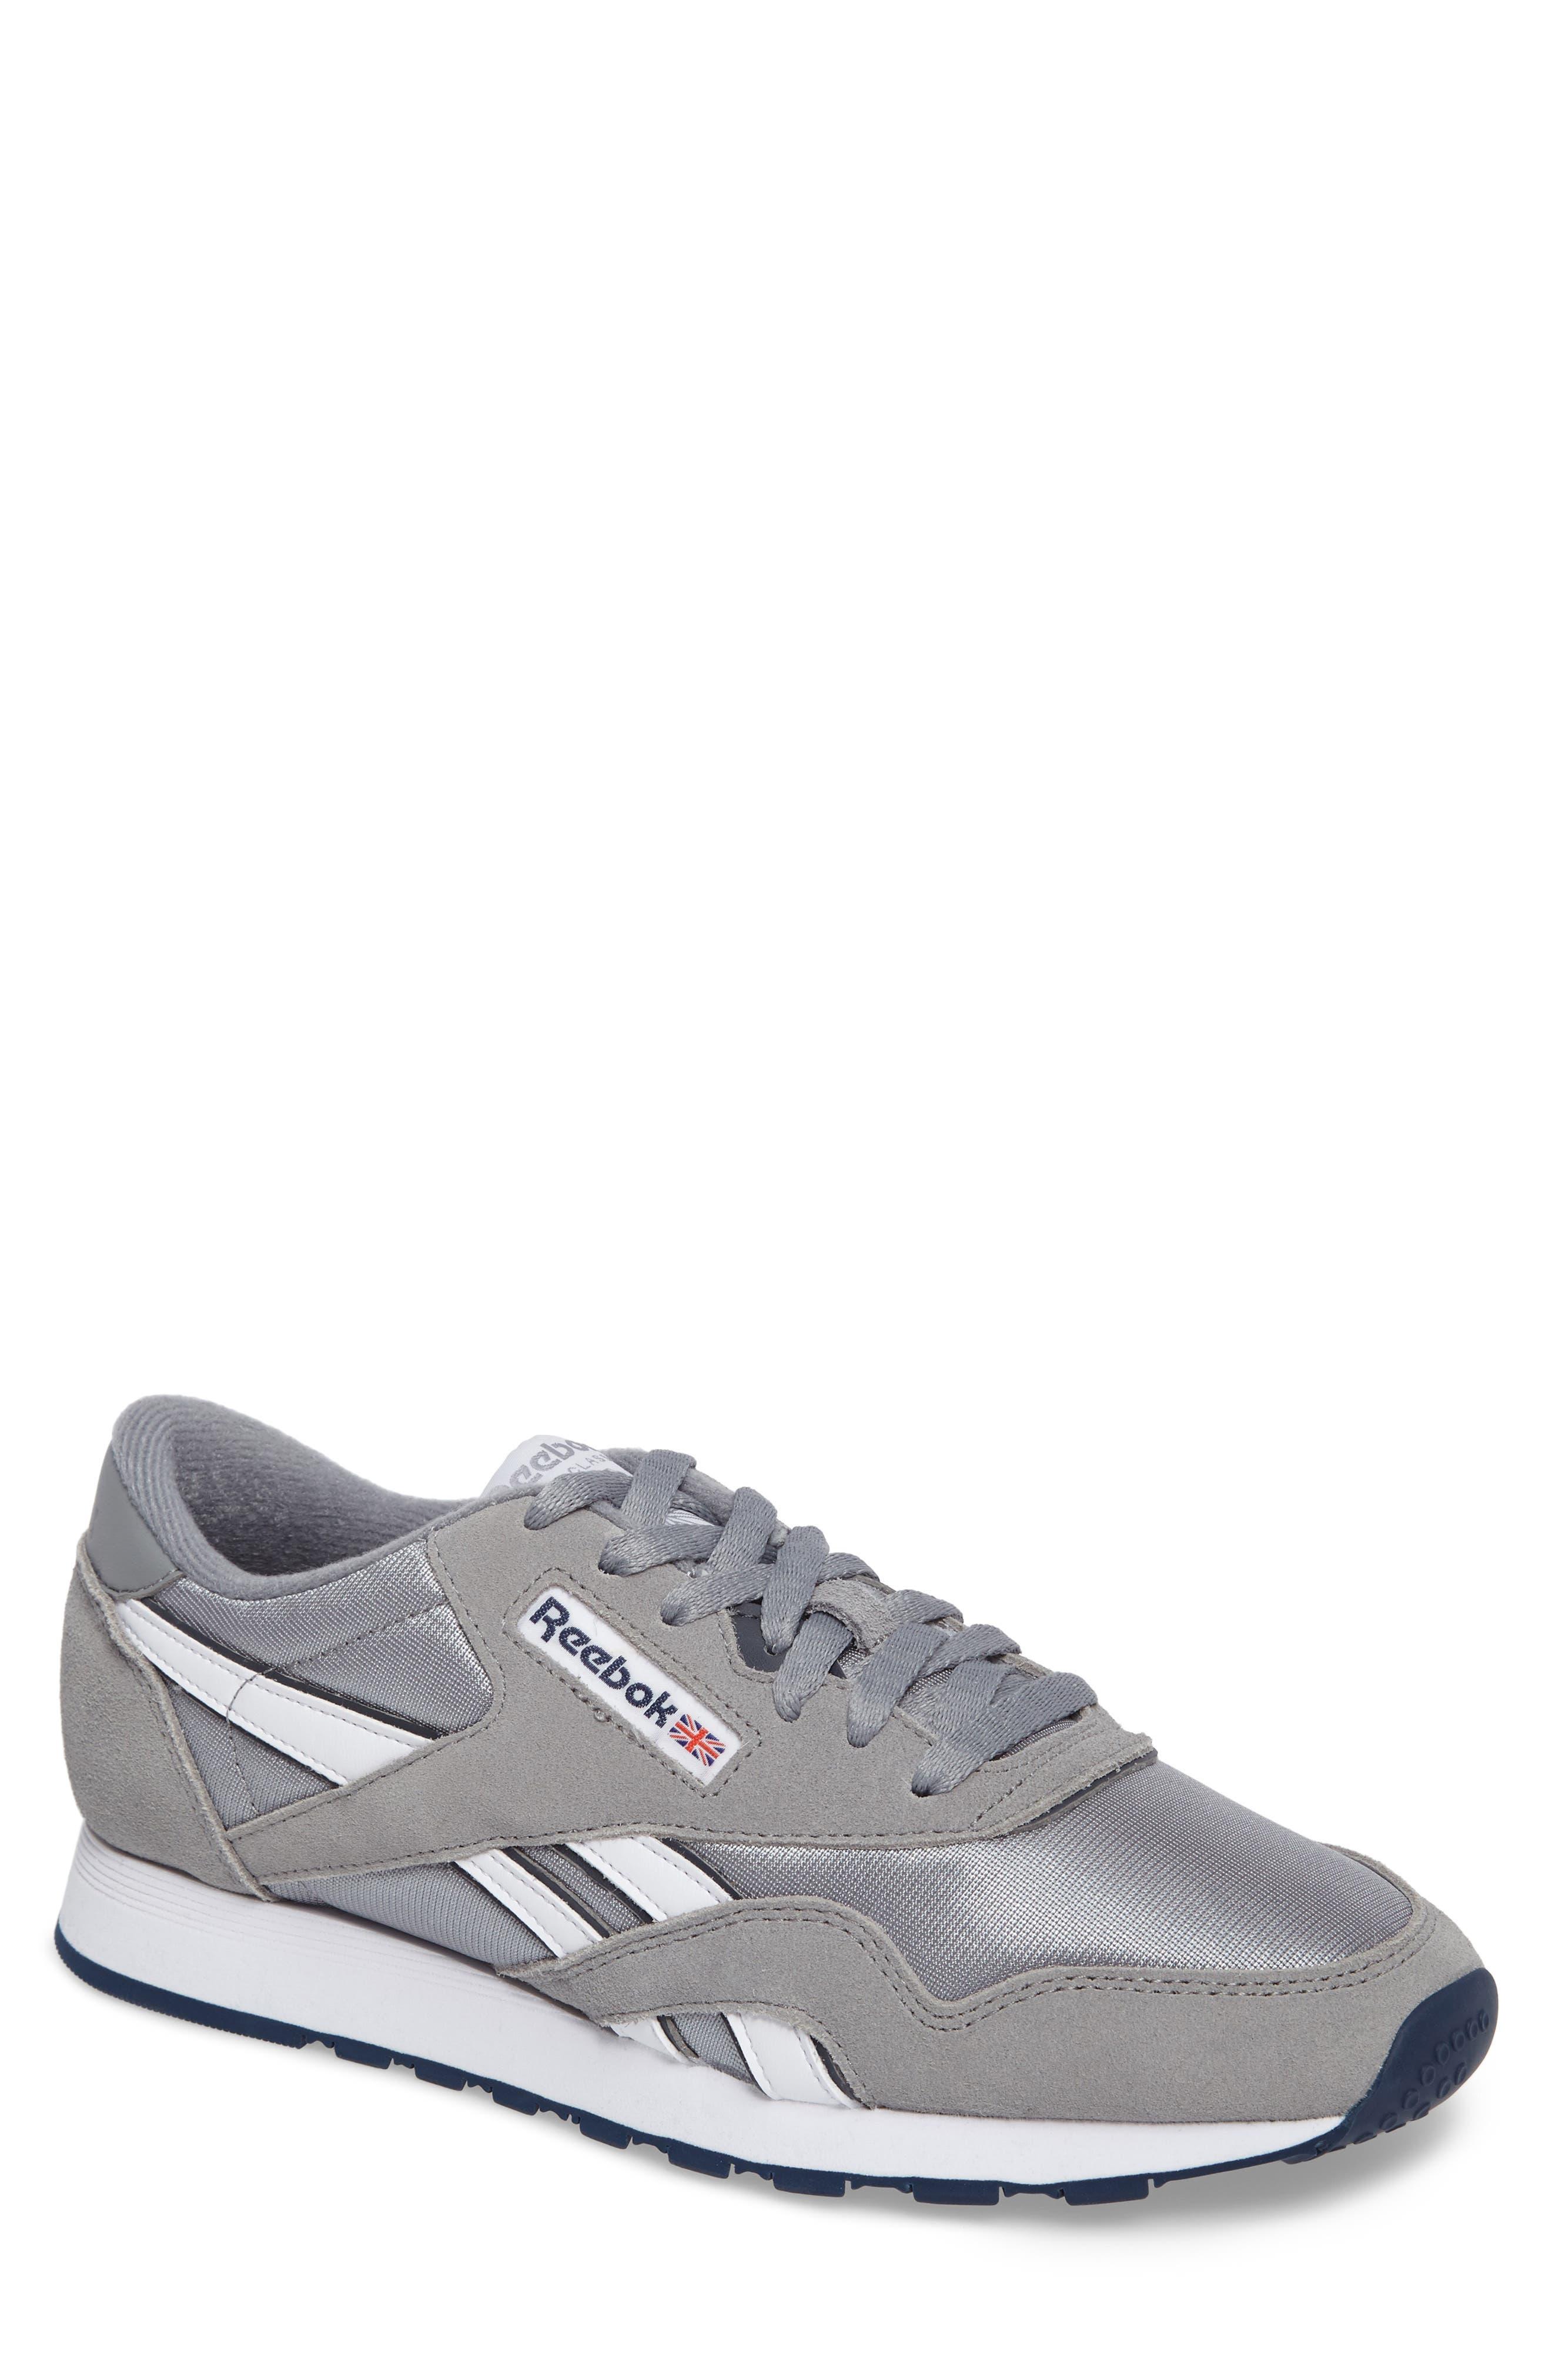 Classic Nylon Sneaker,                             Main thumbnail 1, color,                             PLATINUM/ JET BLUE